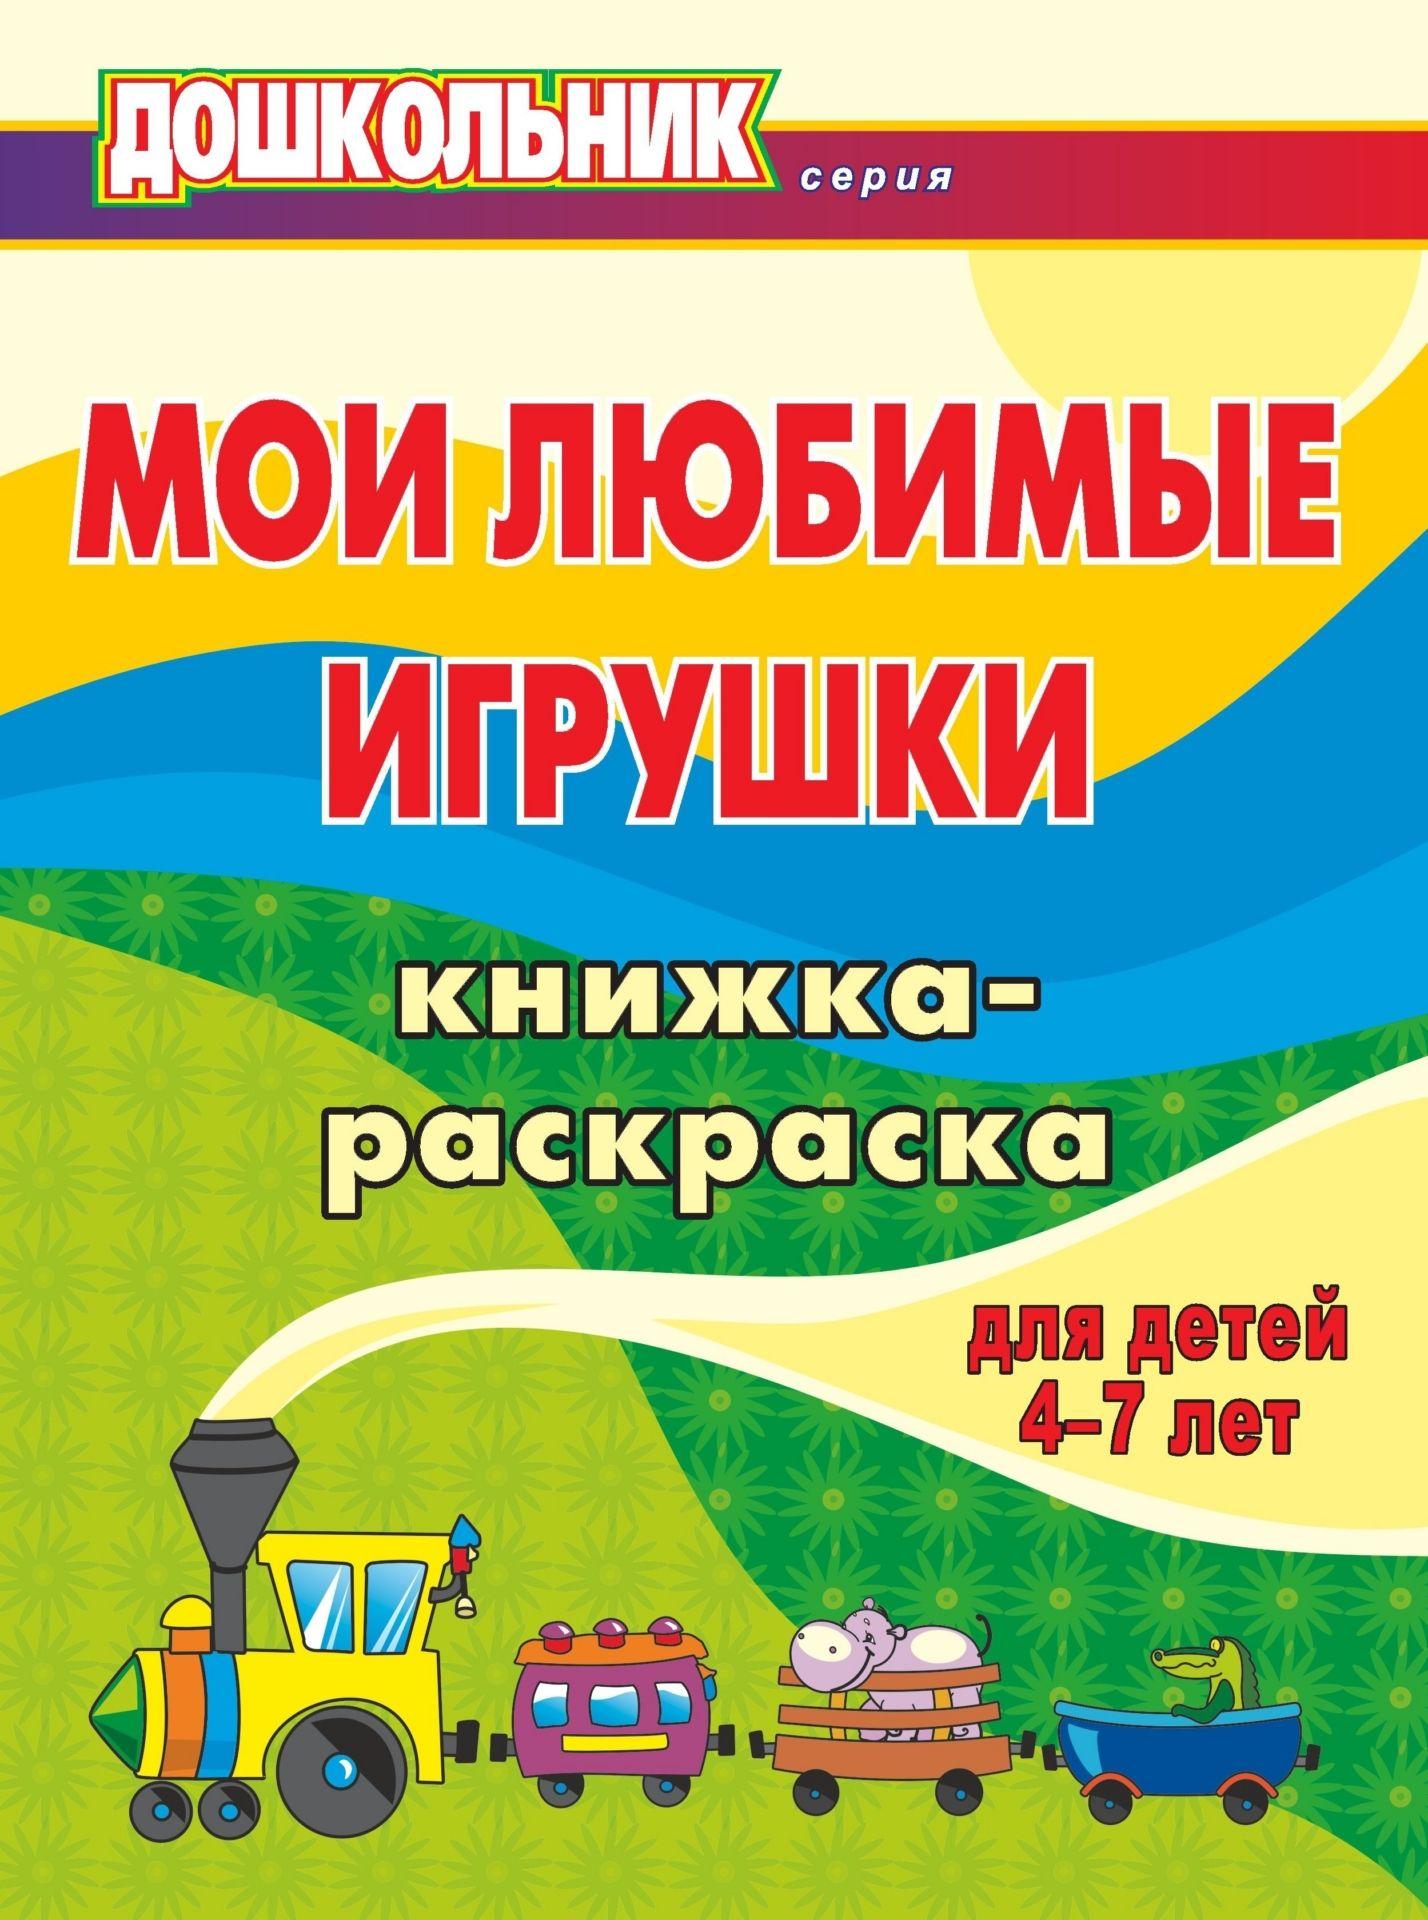 Мои любимые игрушки: книжка-раскраска для детей 4-7 лет